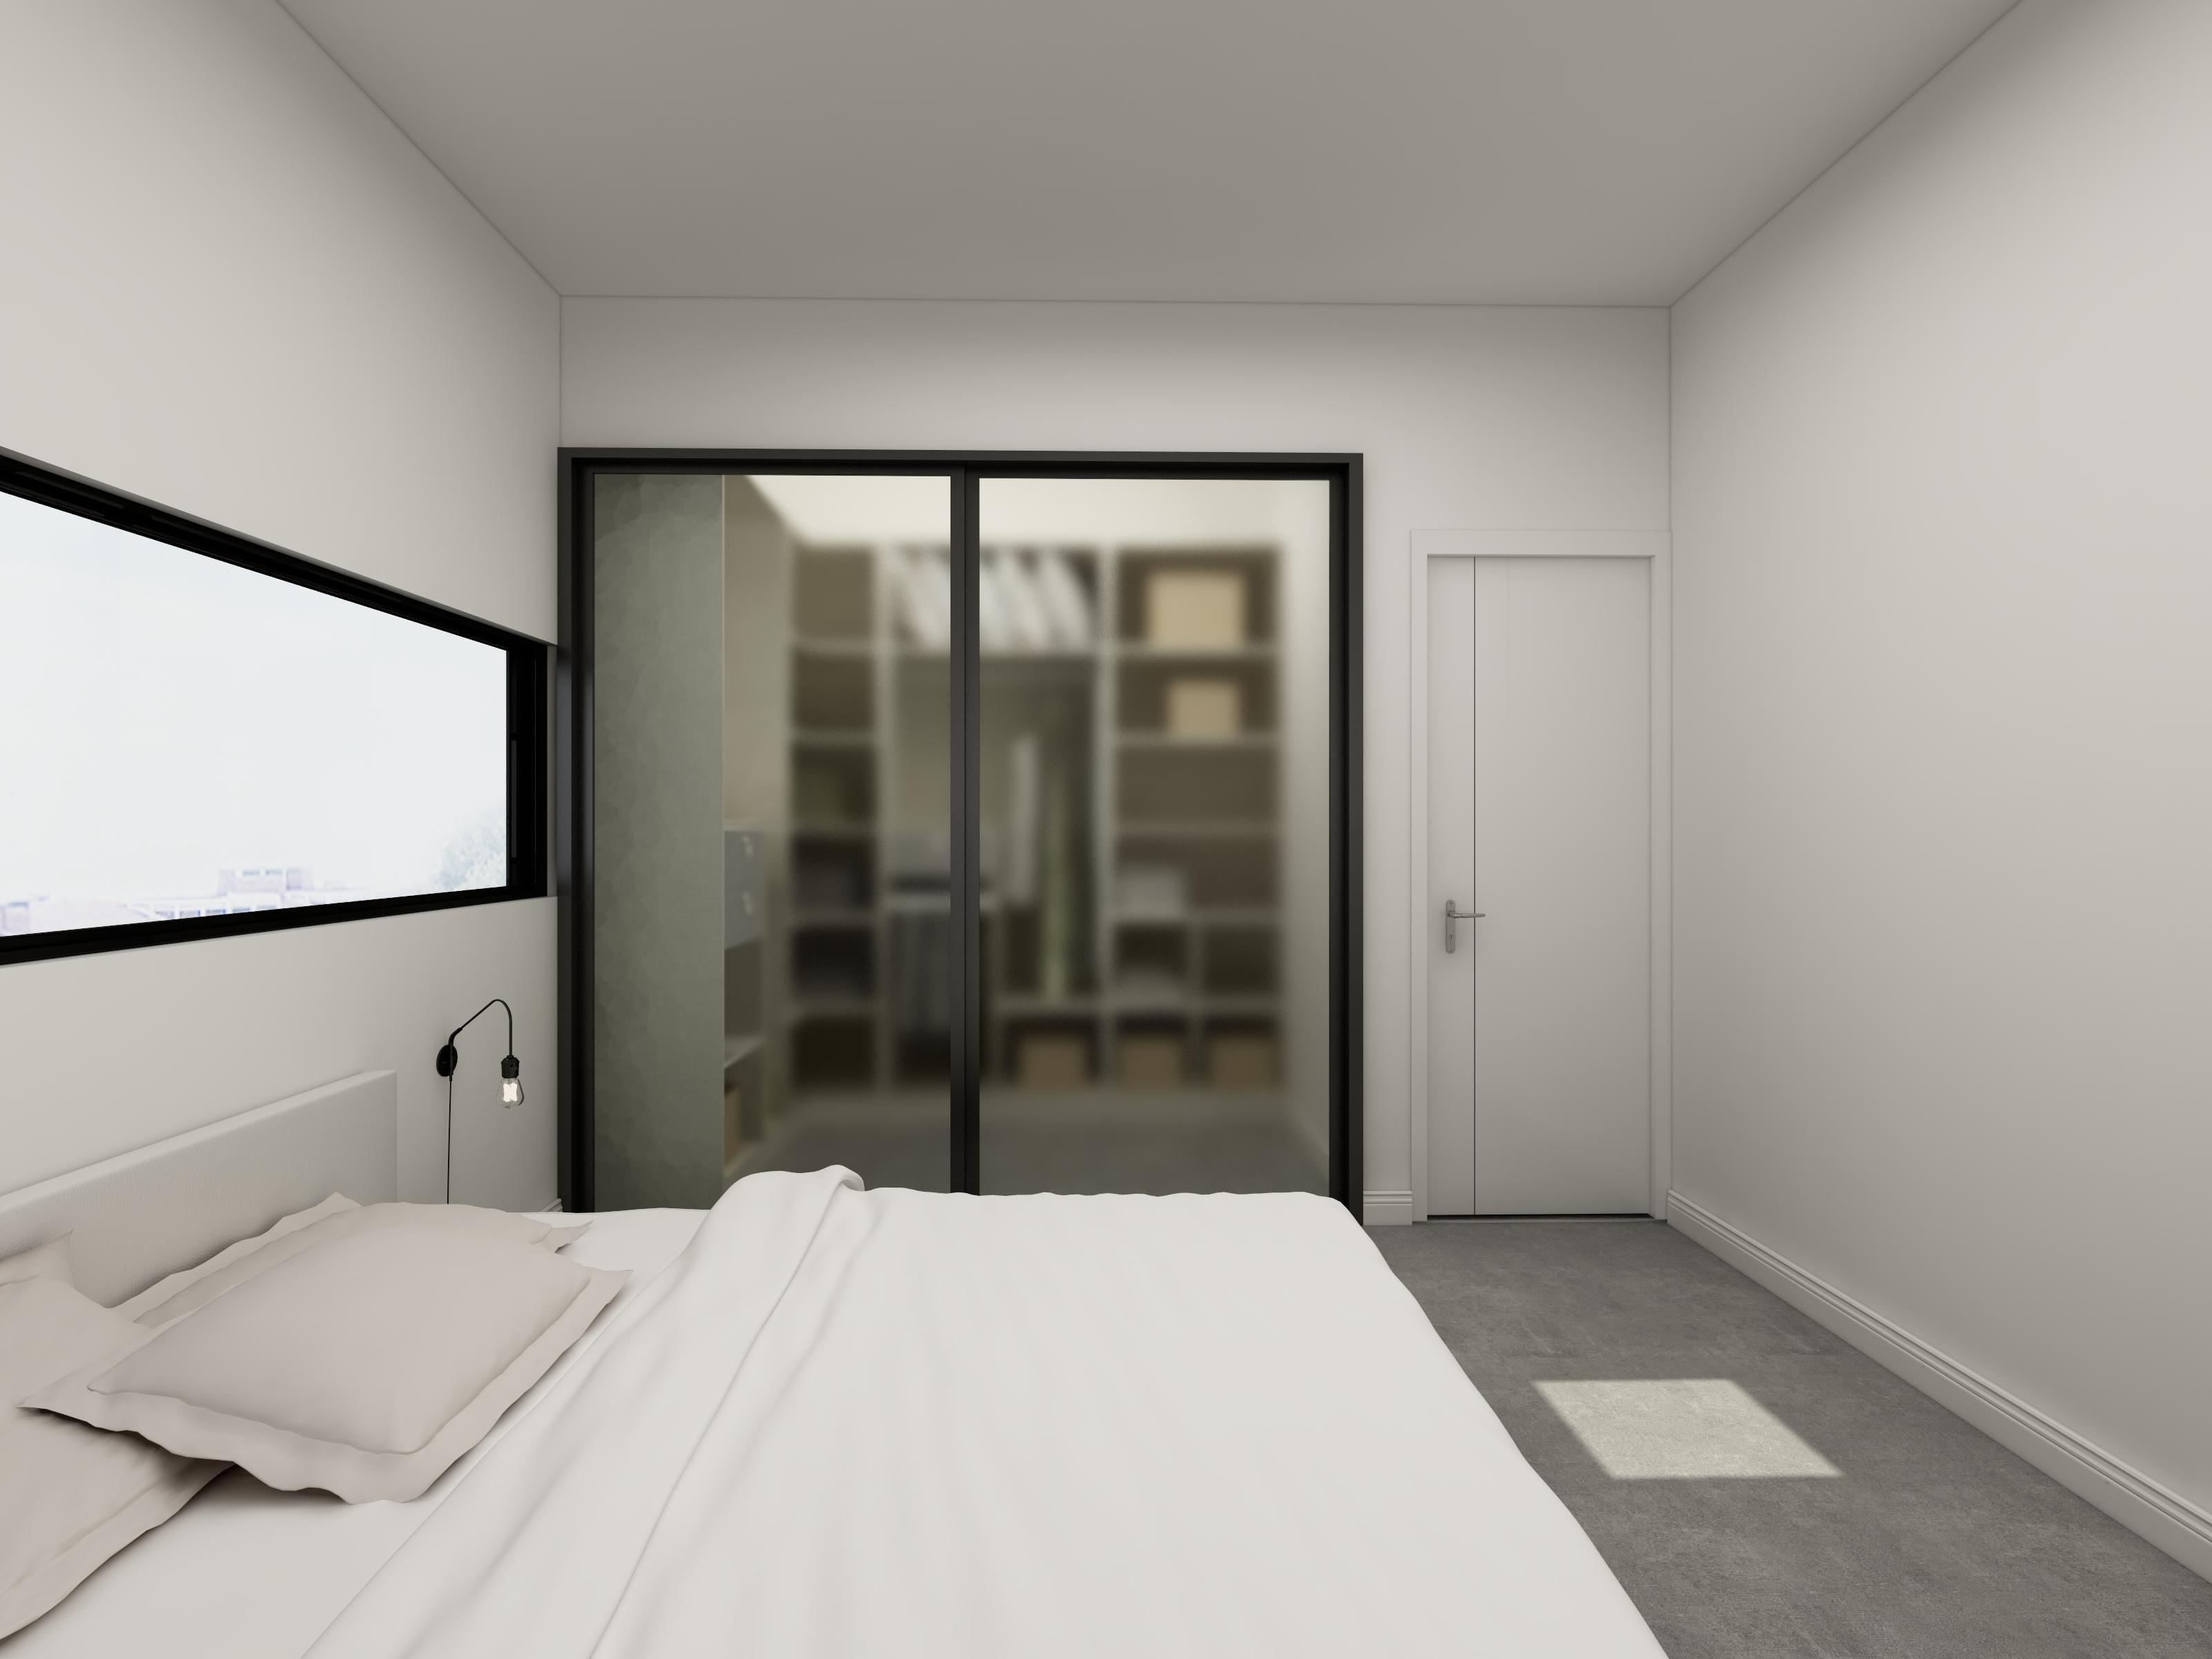 极简三居装修卧室衣帽间设计